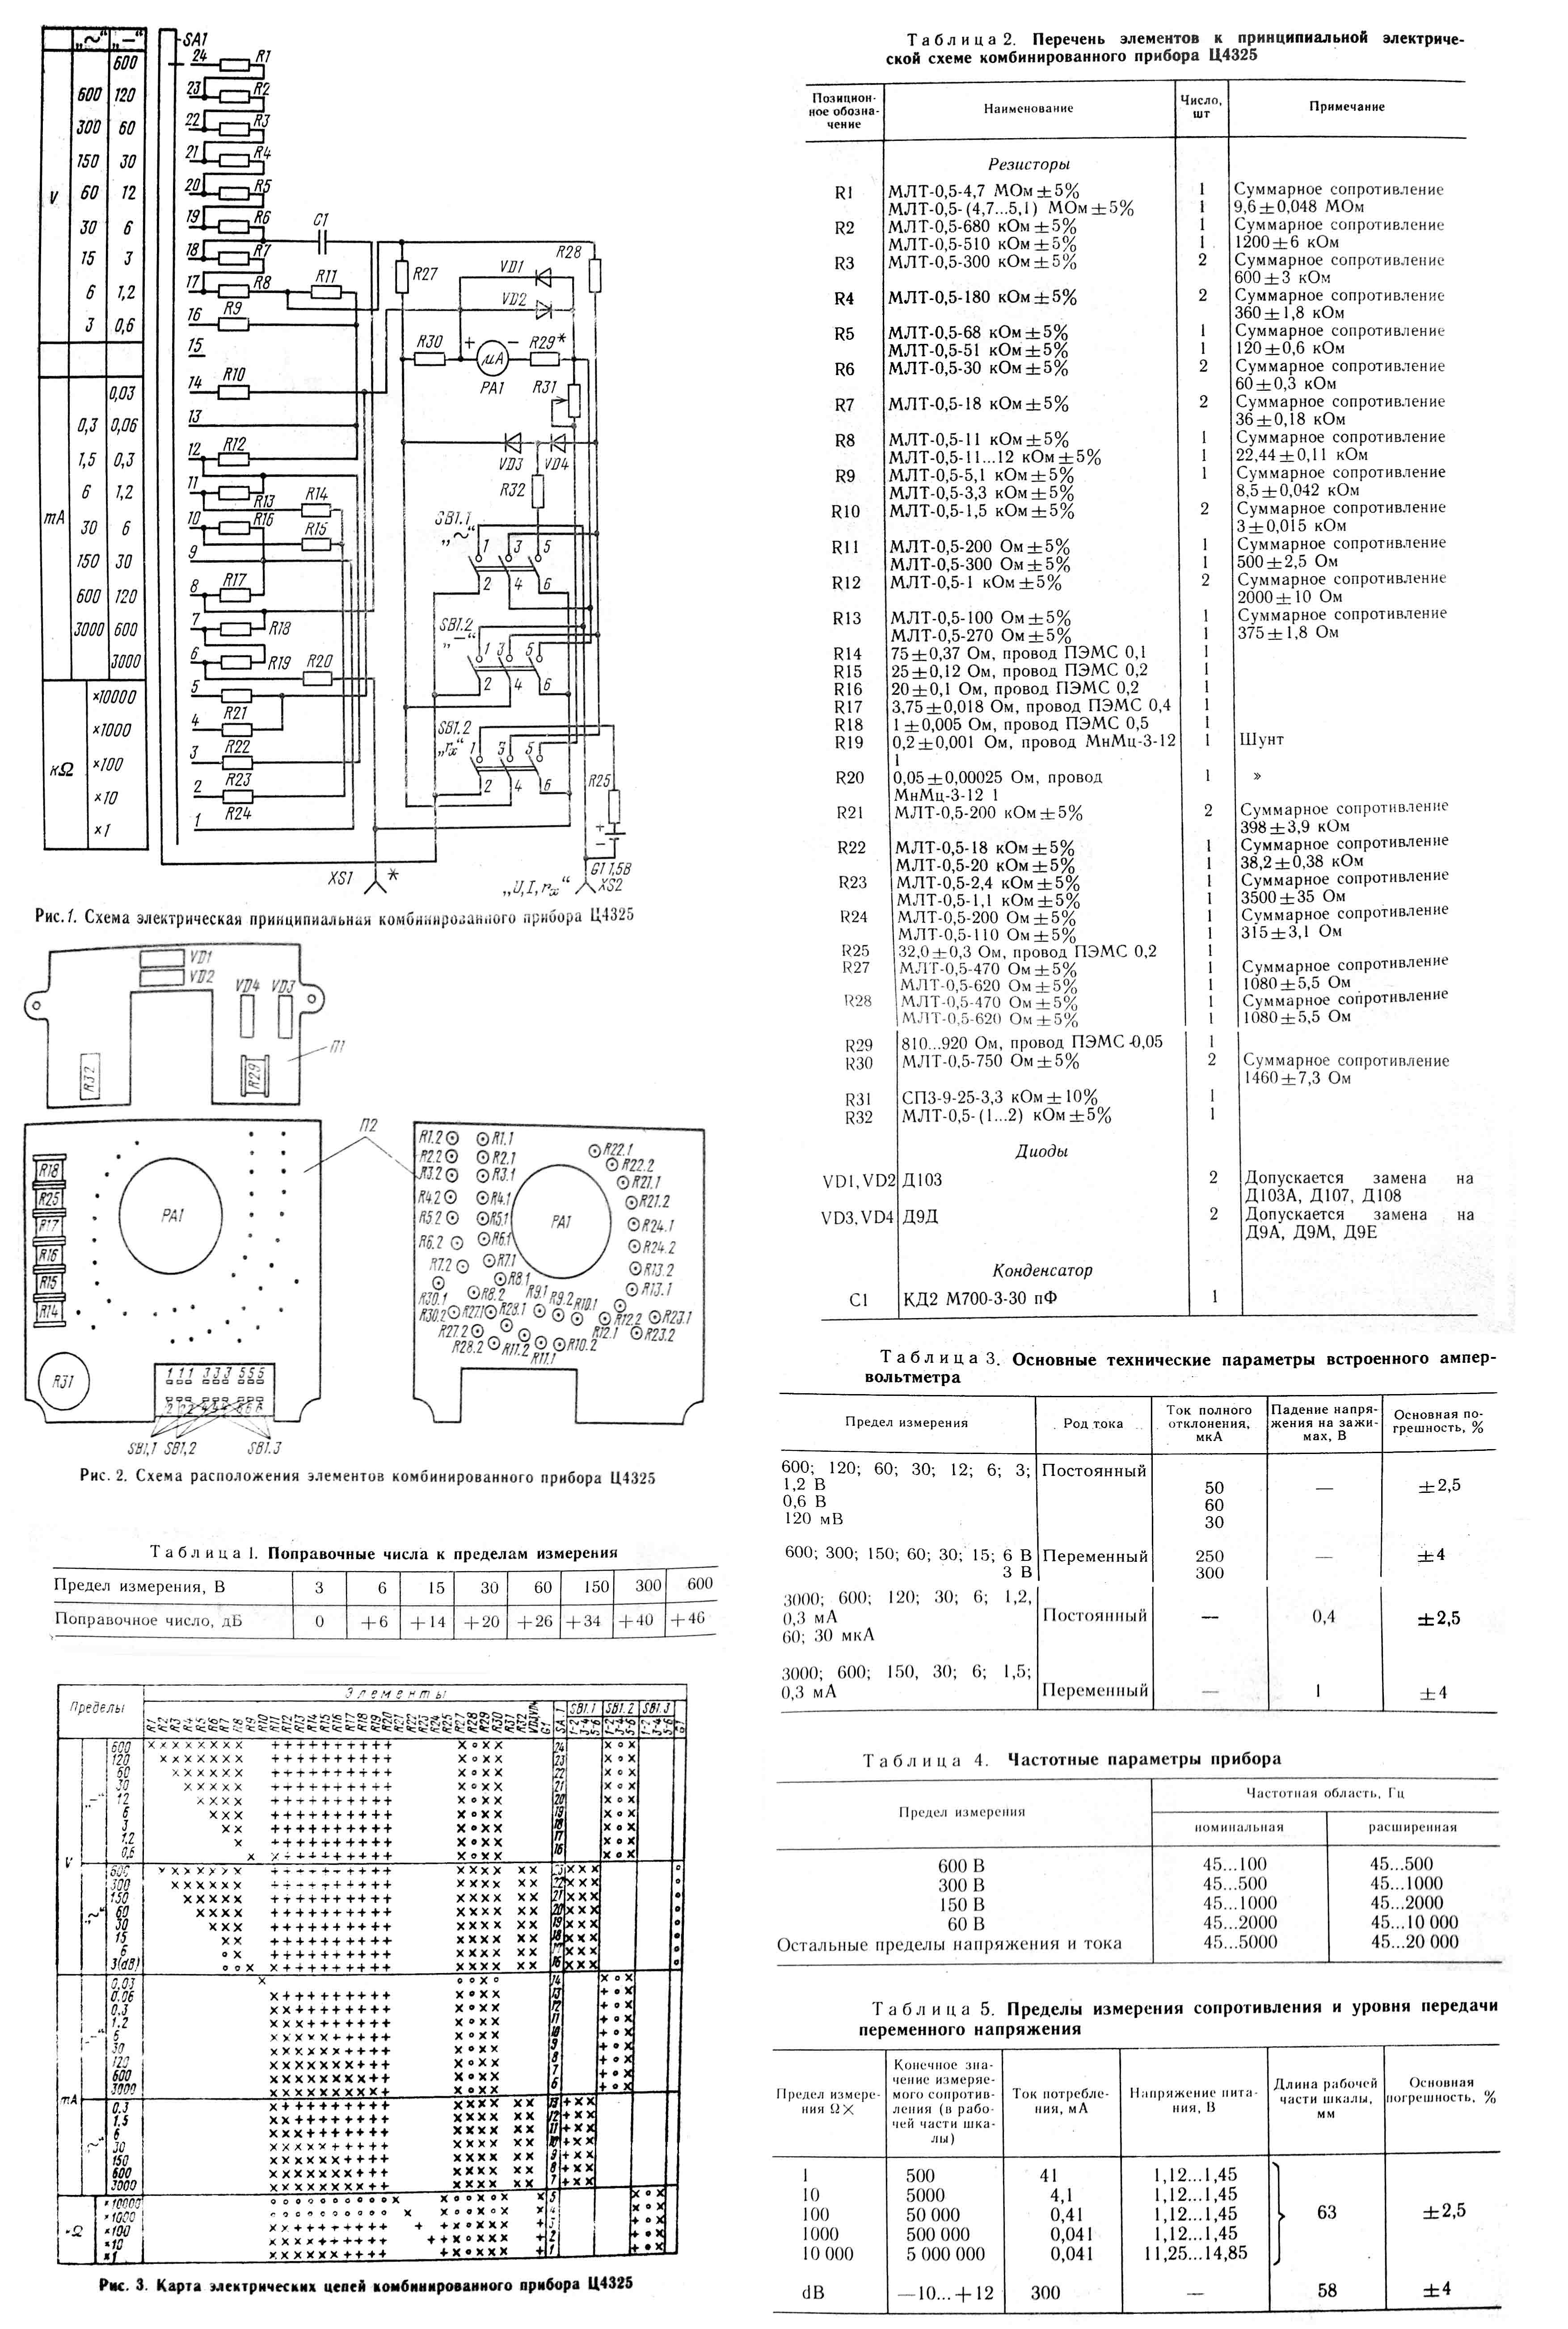 Мультиметр Ц4353 Инструкция